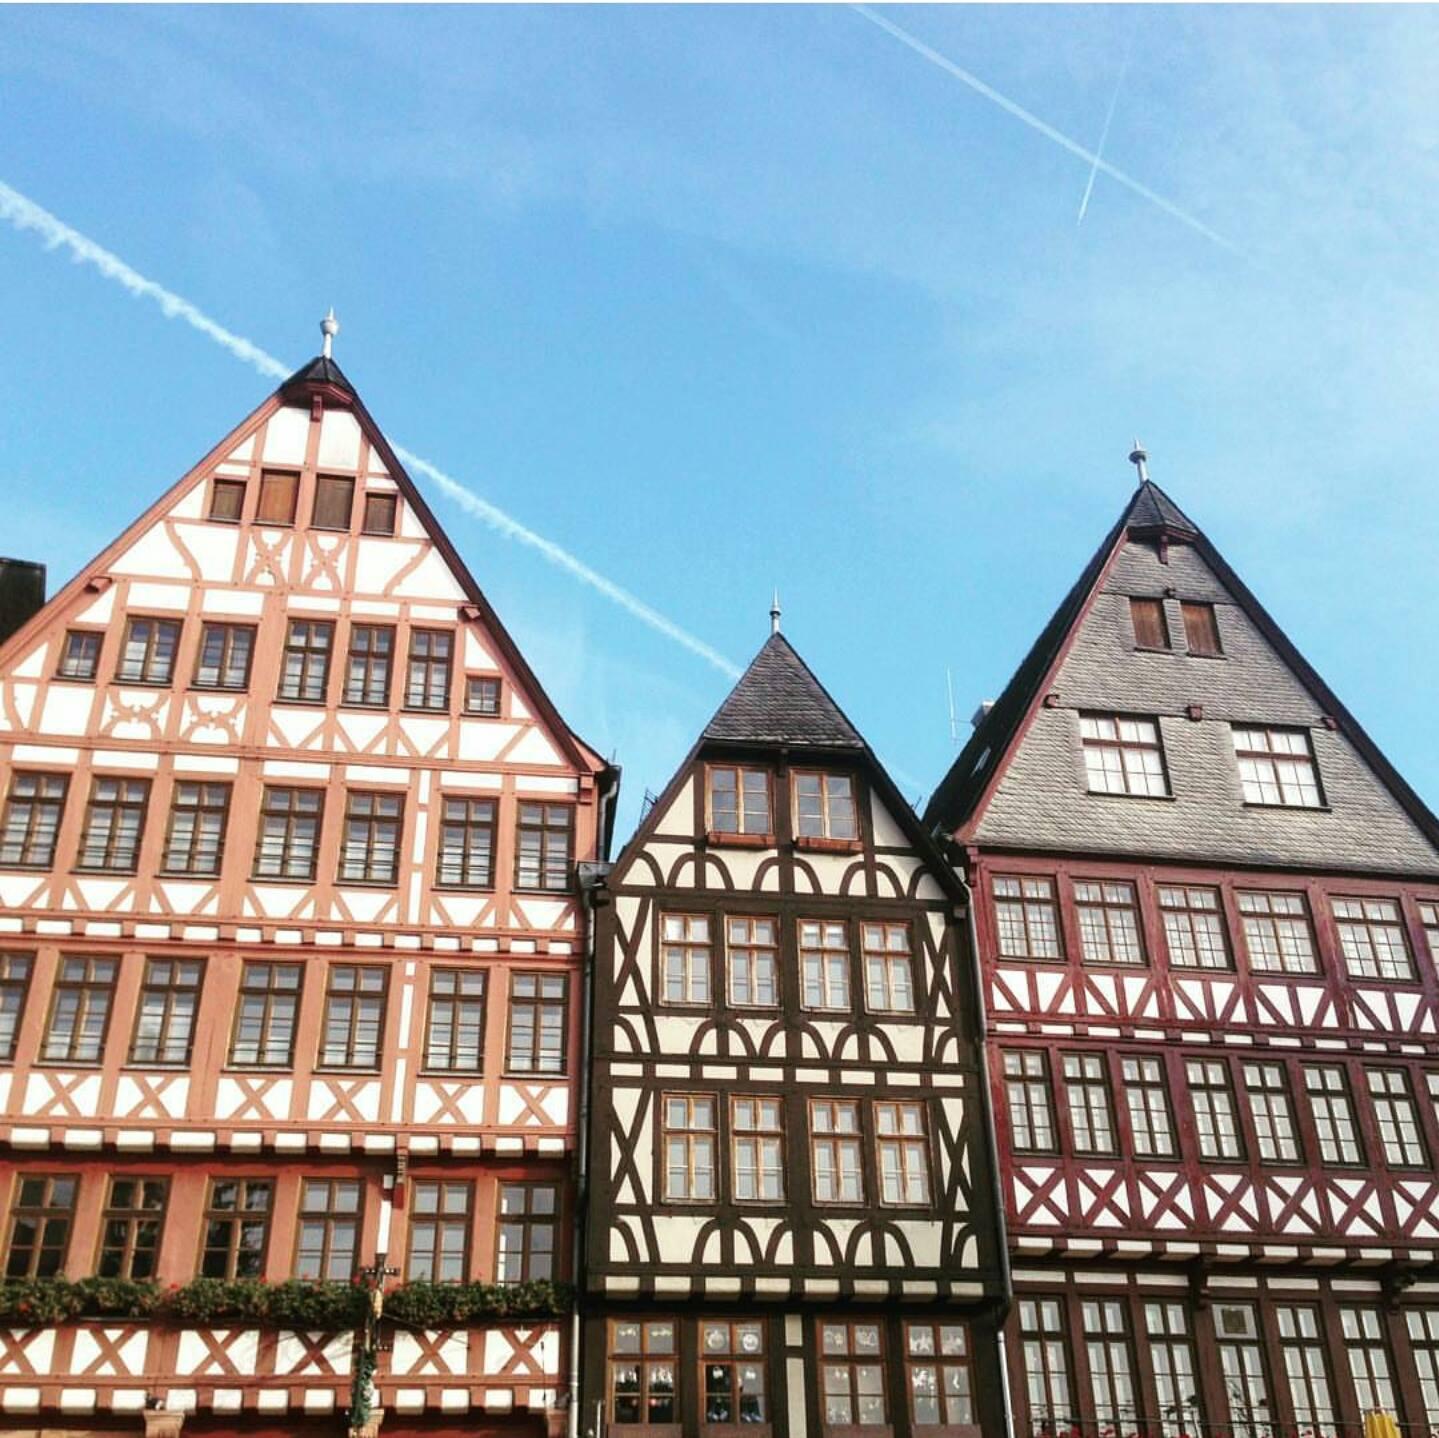 Dom-Römer'in Klasikleşmiş Frankfurt Evleri